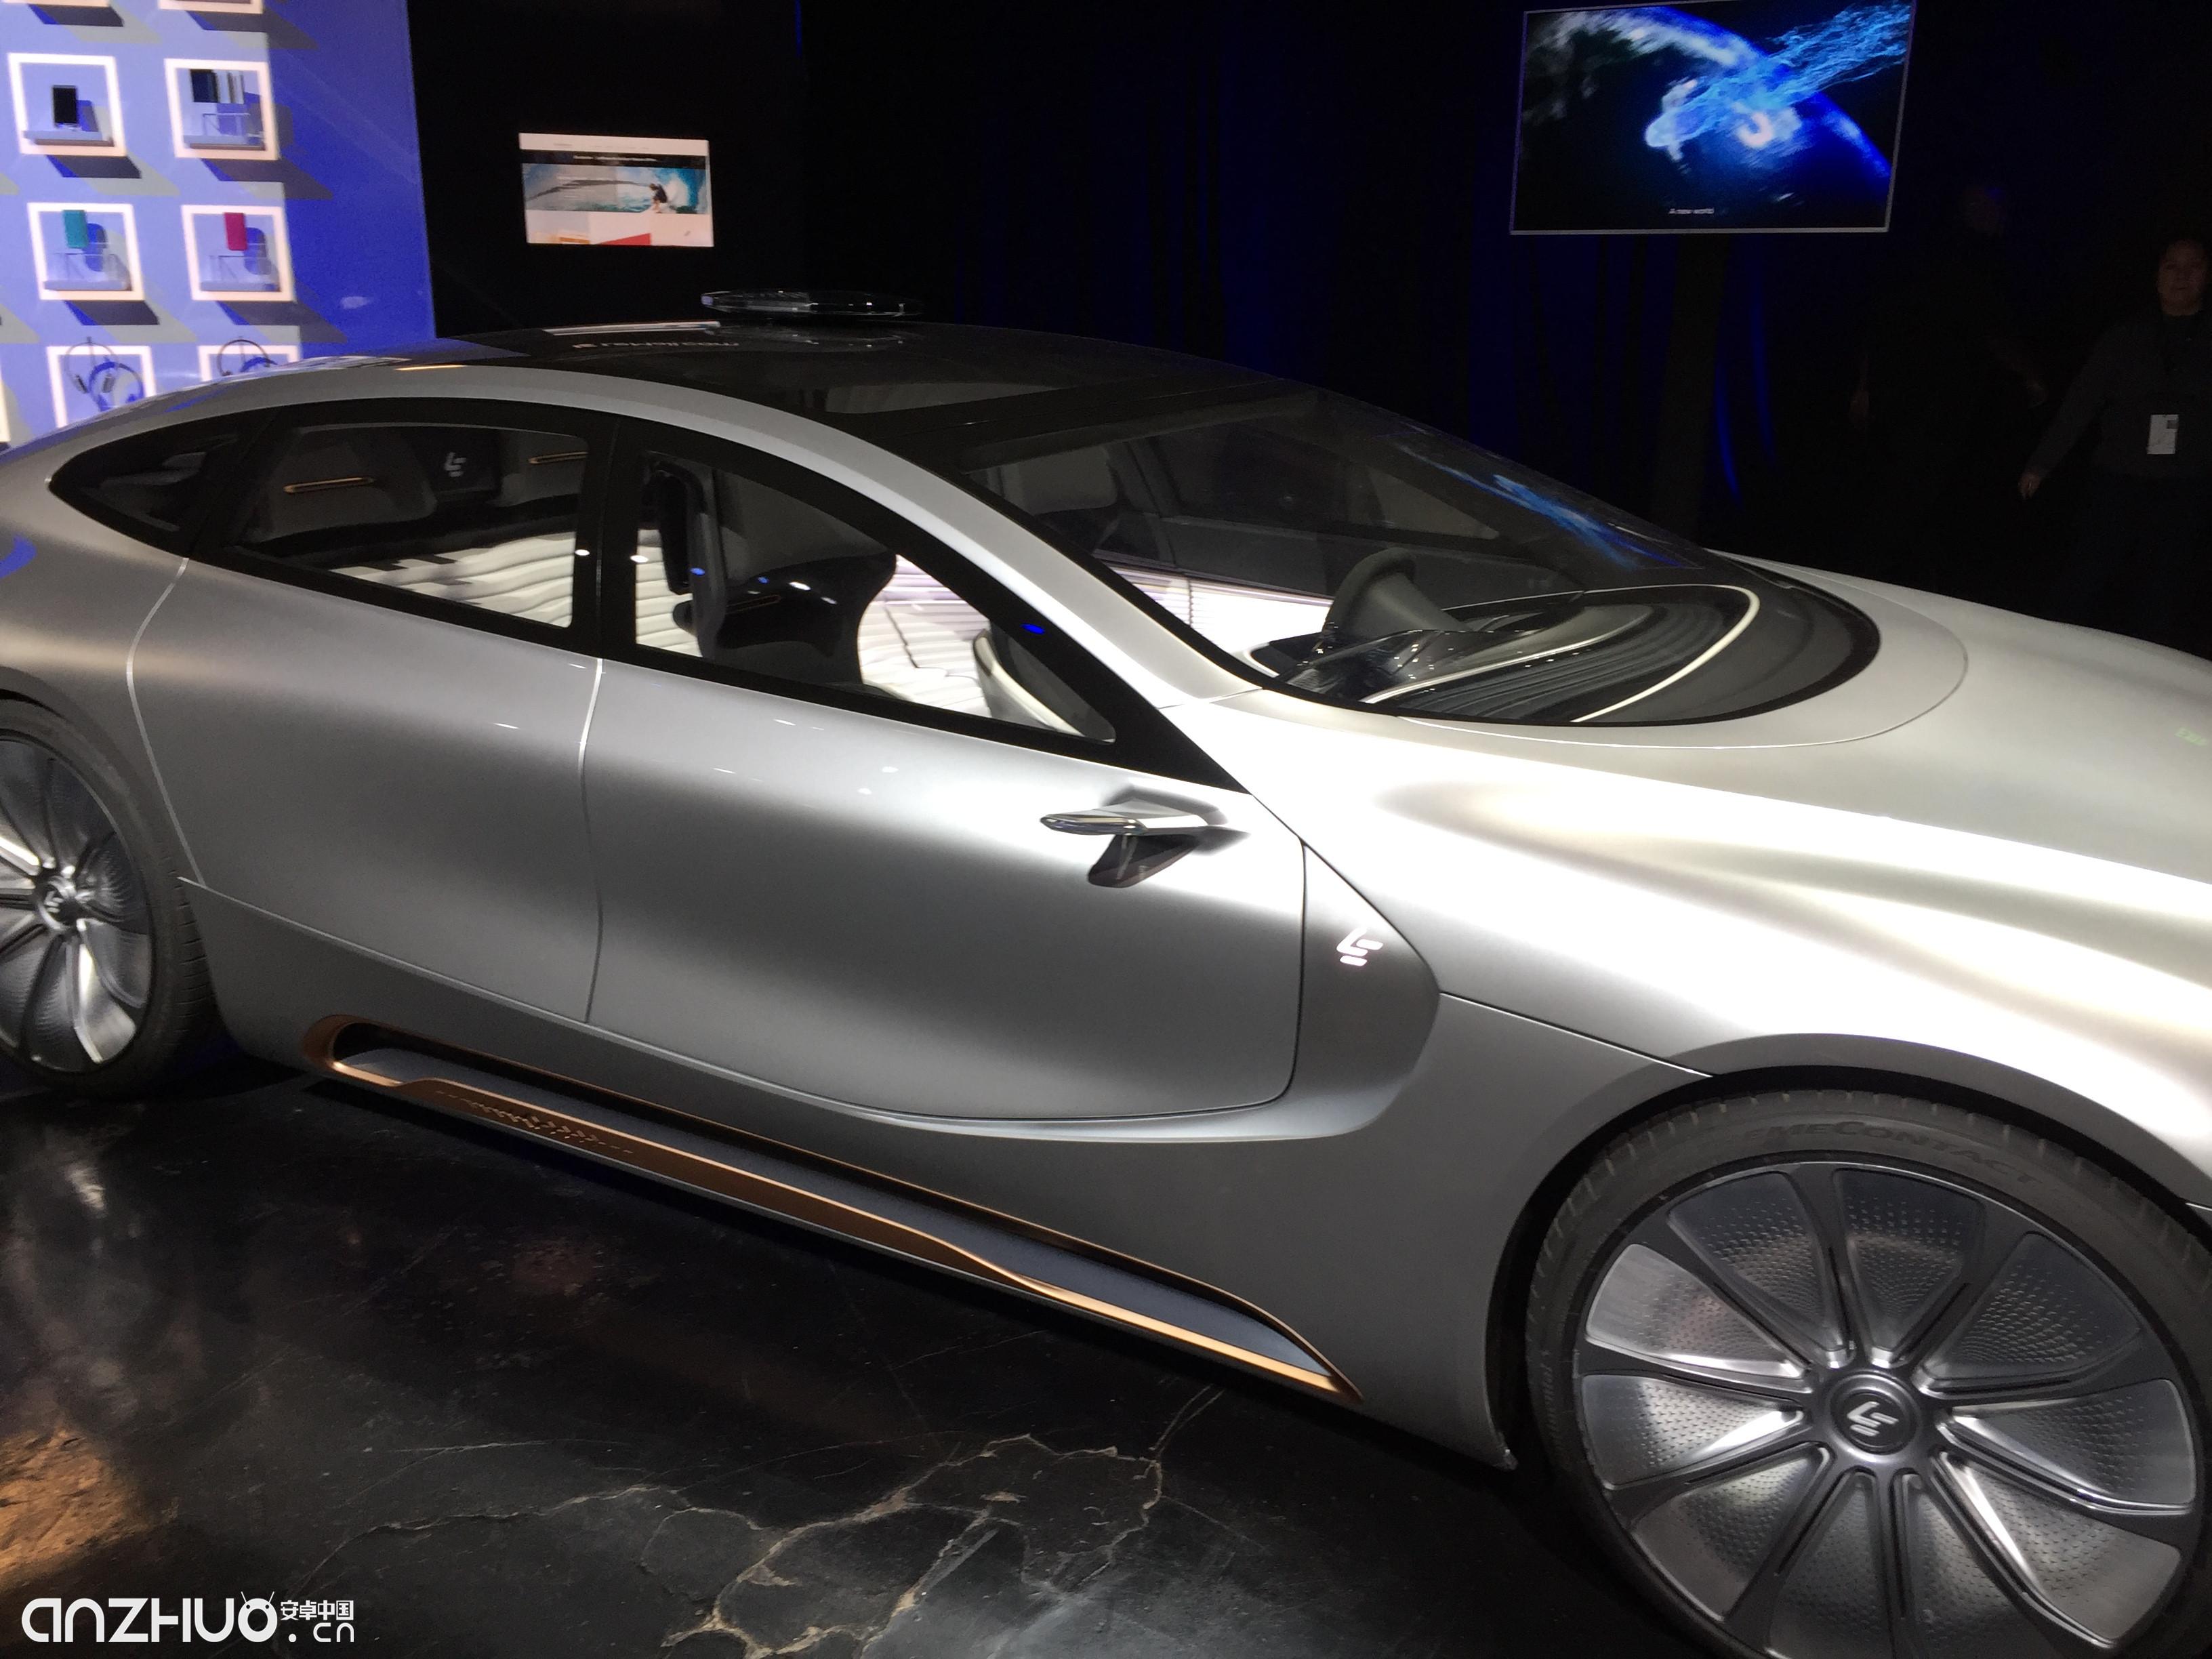 参与 变形金刚5 拍摄 乐视超级汽车LeSEE Pro图赏高清图片